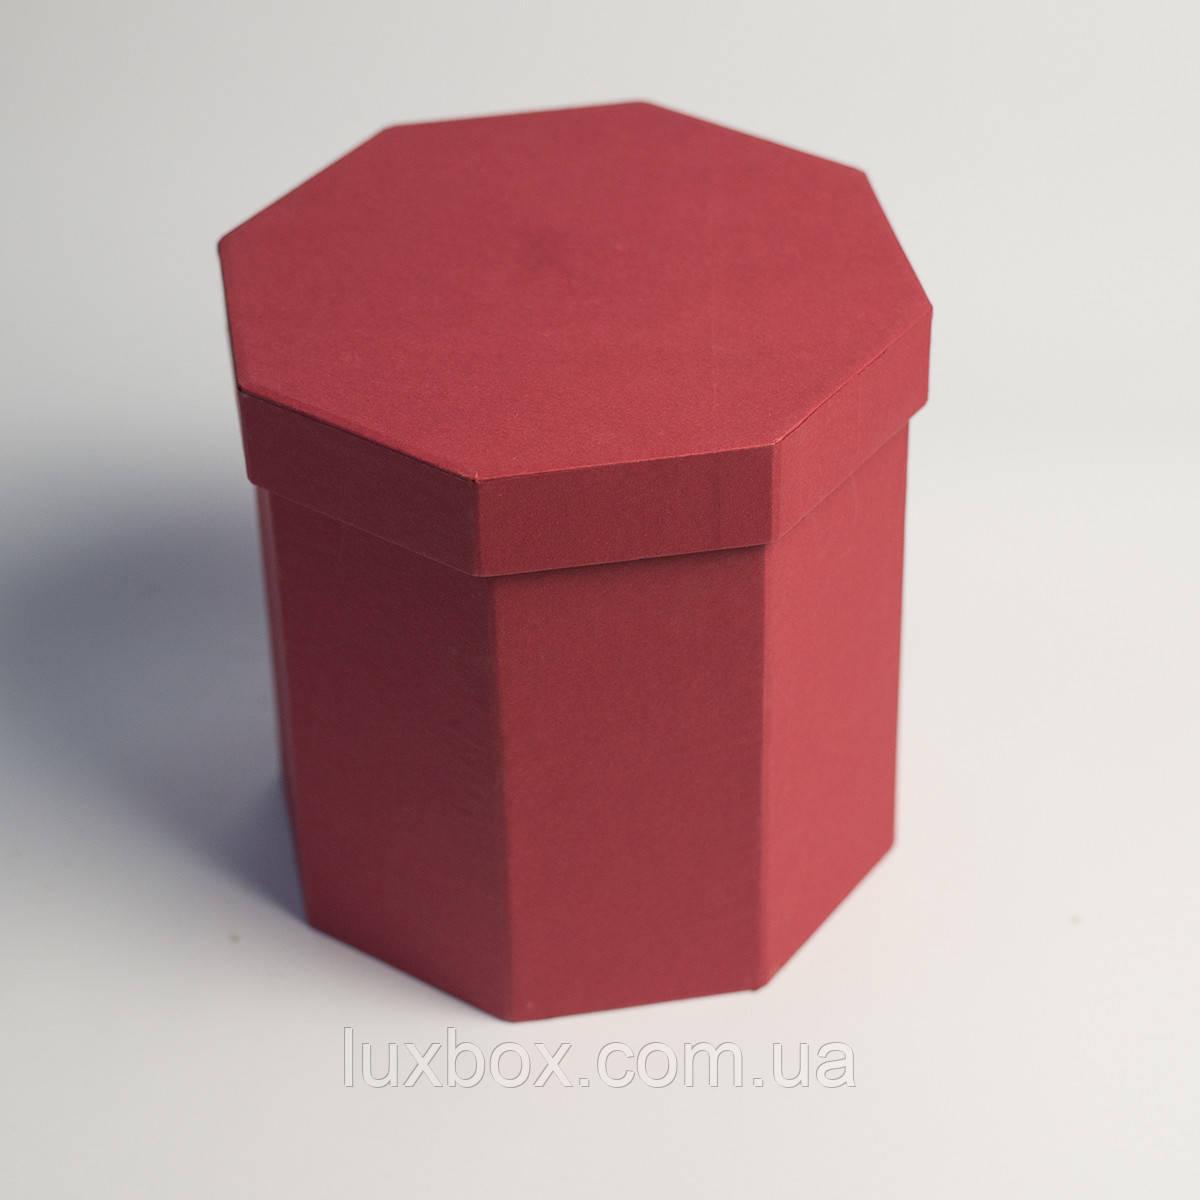 Коробка Вісьмигранник h16/d16